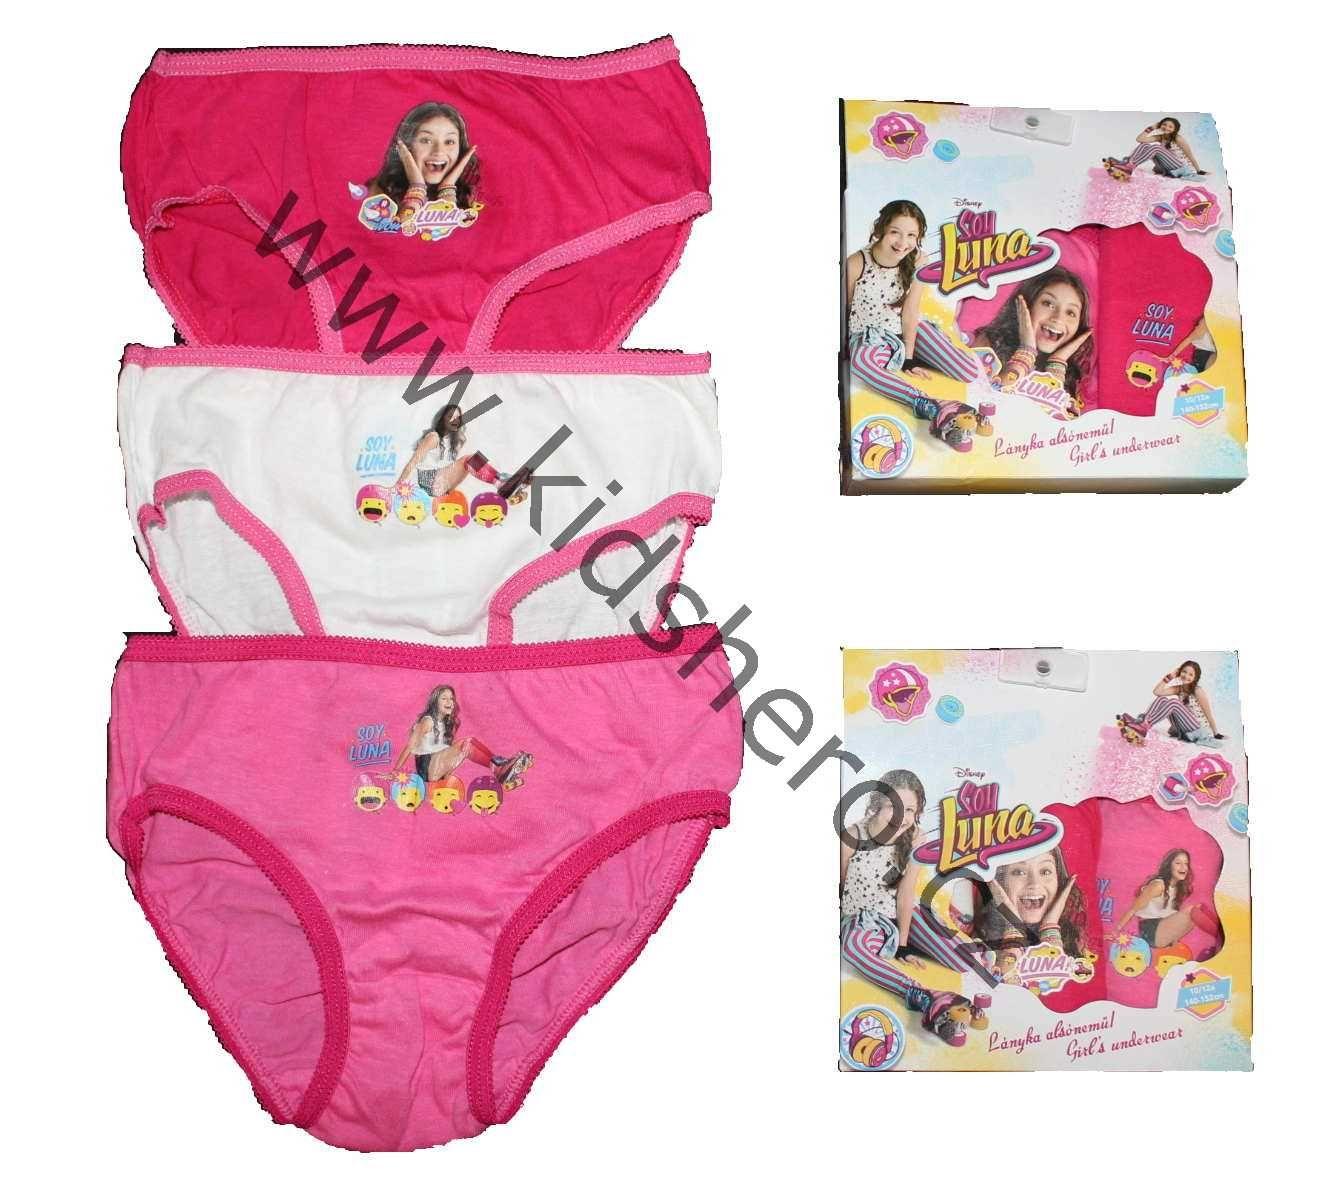 Dětské kalhotky SOY LUNA, dívčí kalhotky LUNA Disney